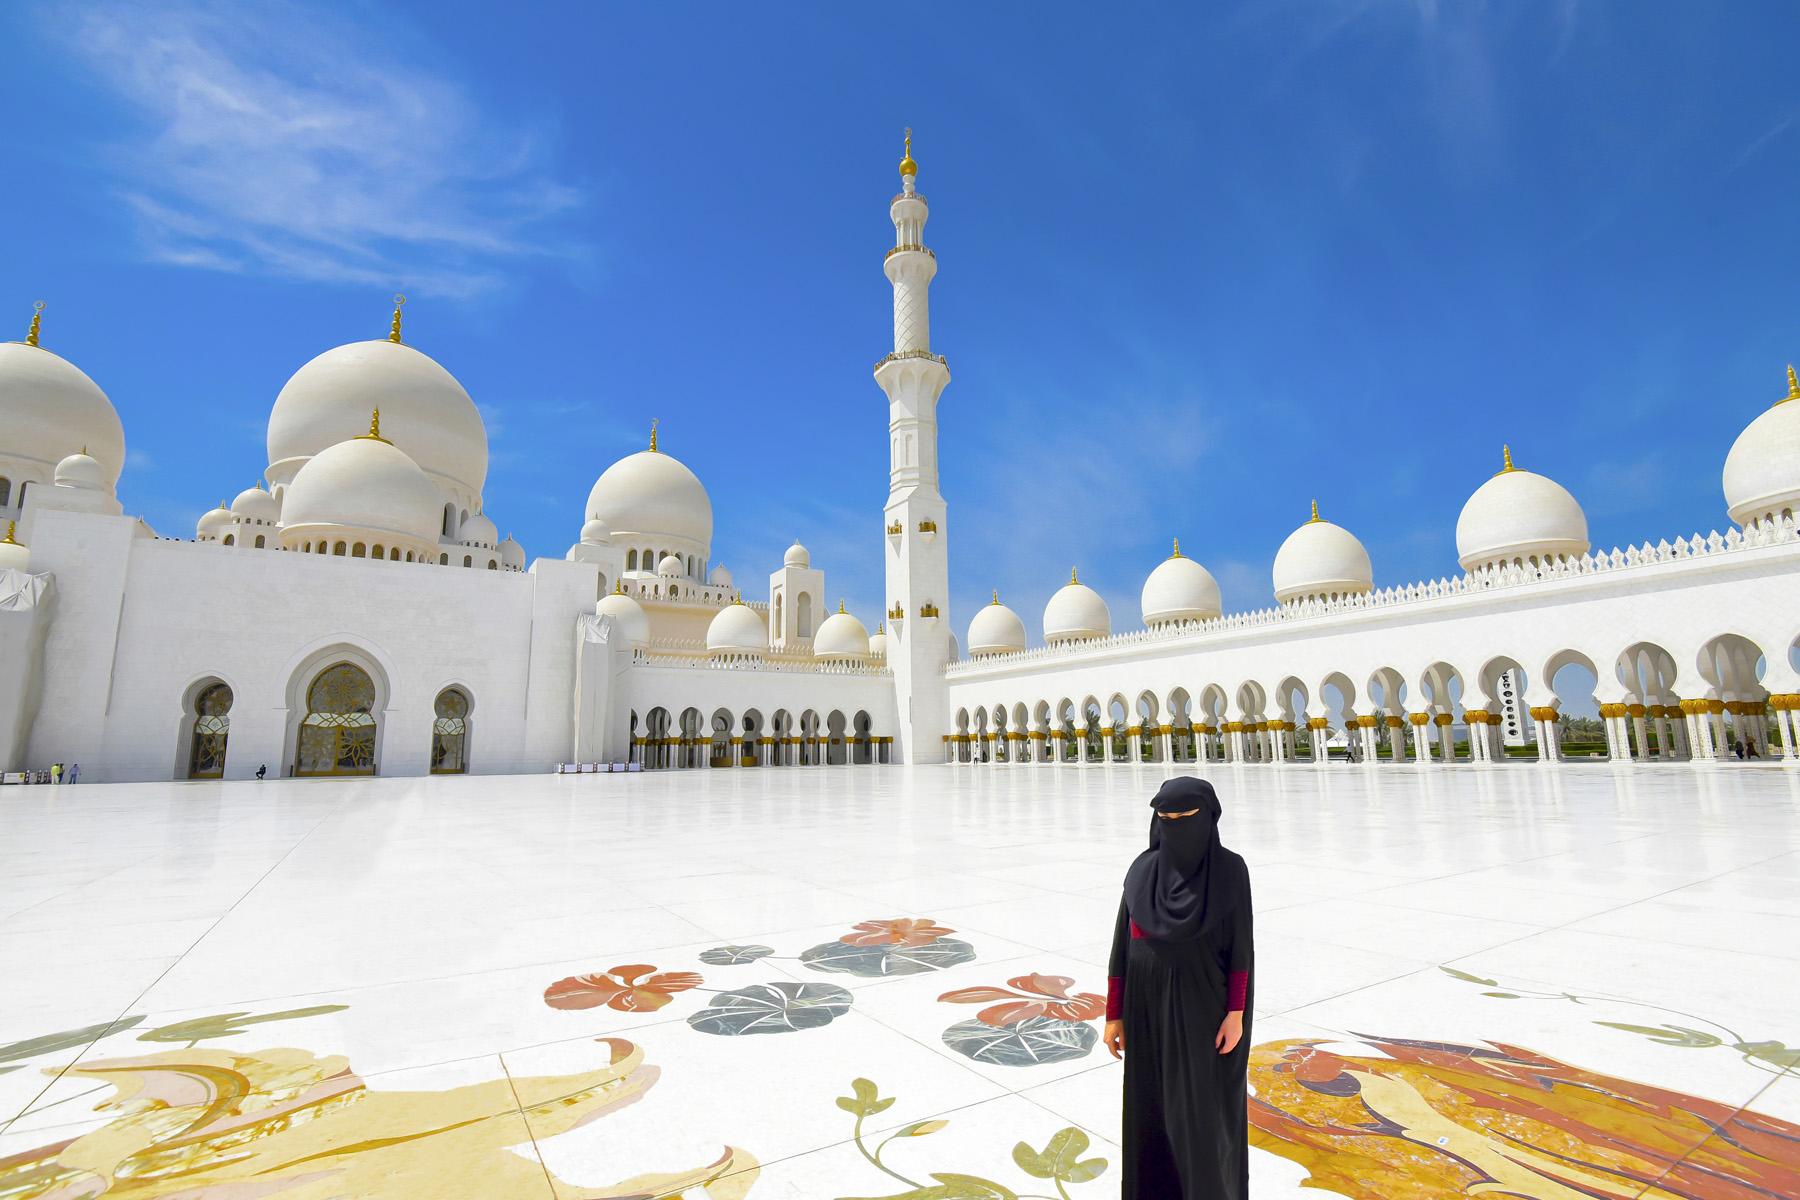 Grand Mosque In Abu Dhabi, UAE